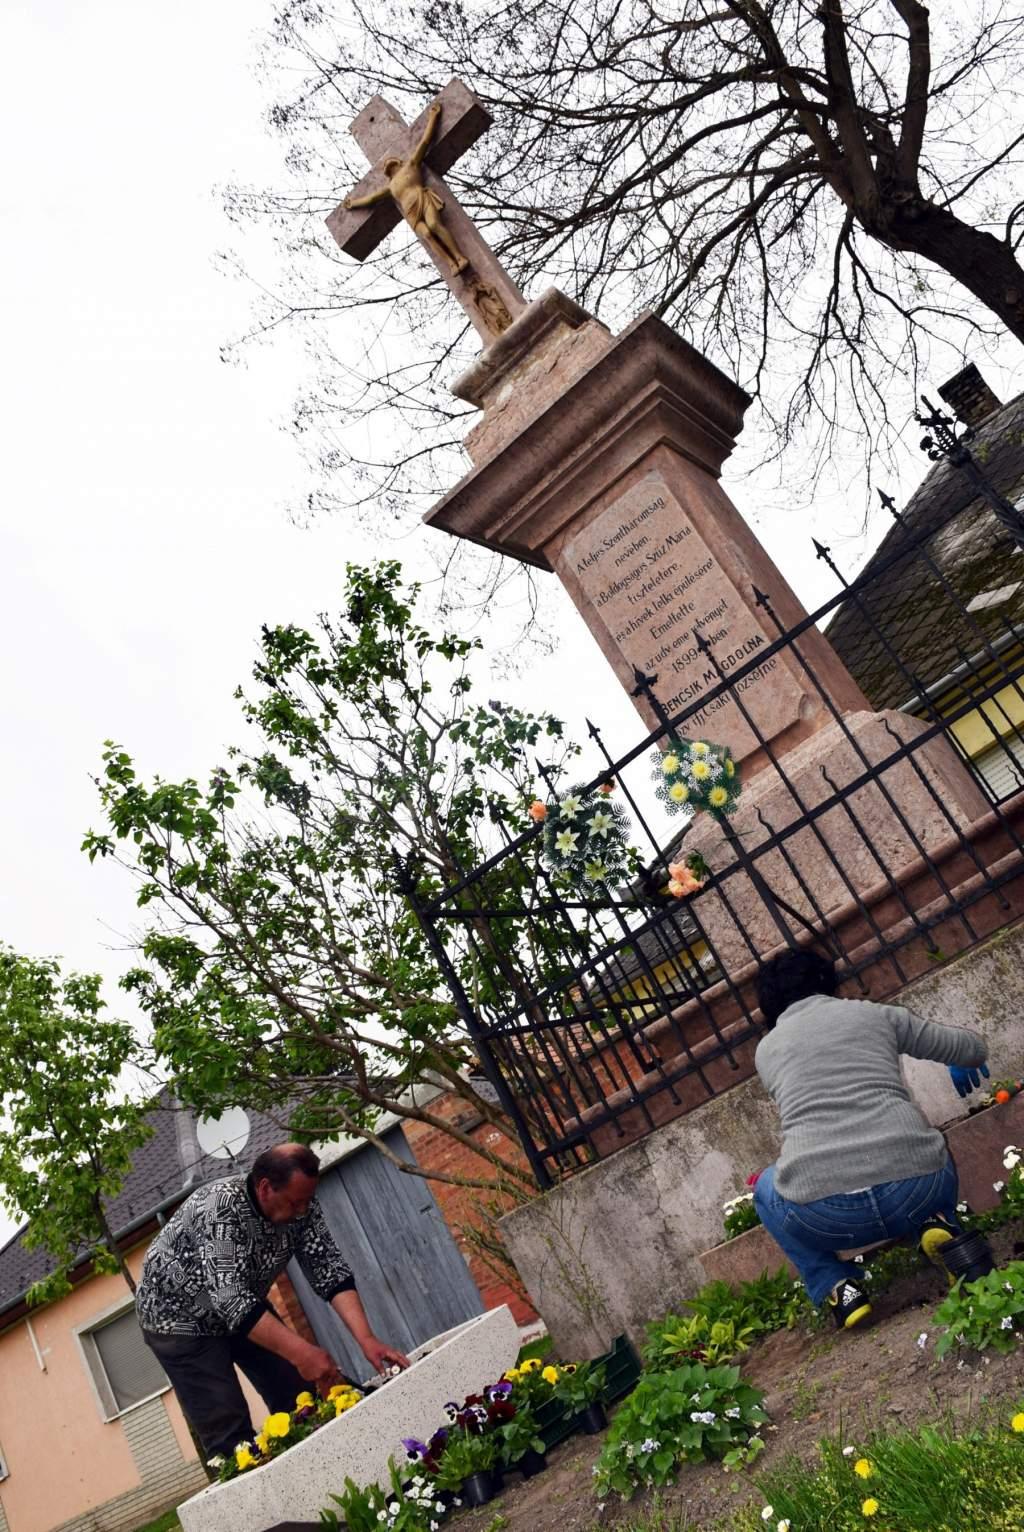 Wojtylások ültettek virágokat két kecskeméti Krisztus-kereszt mellett